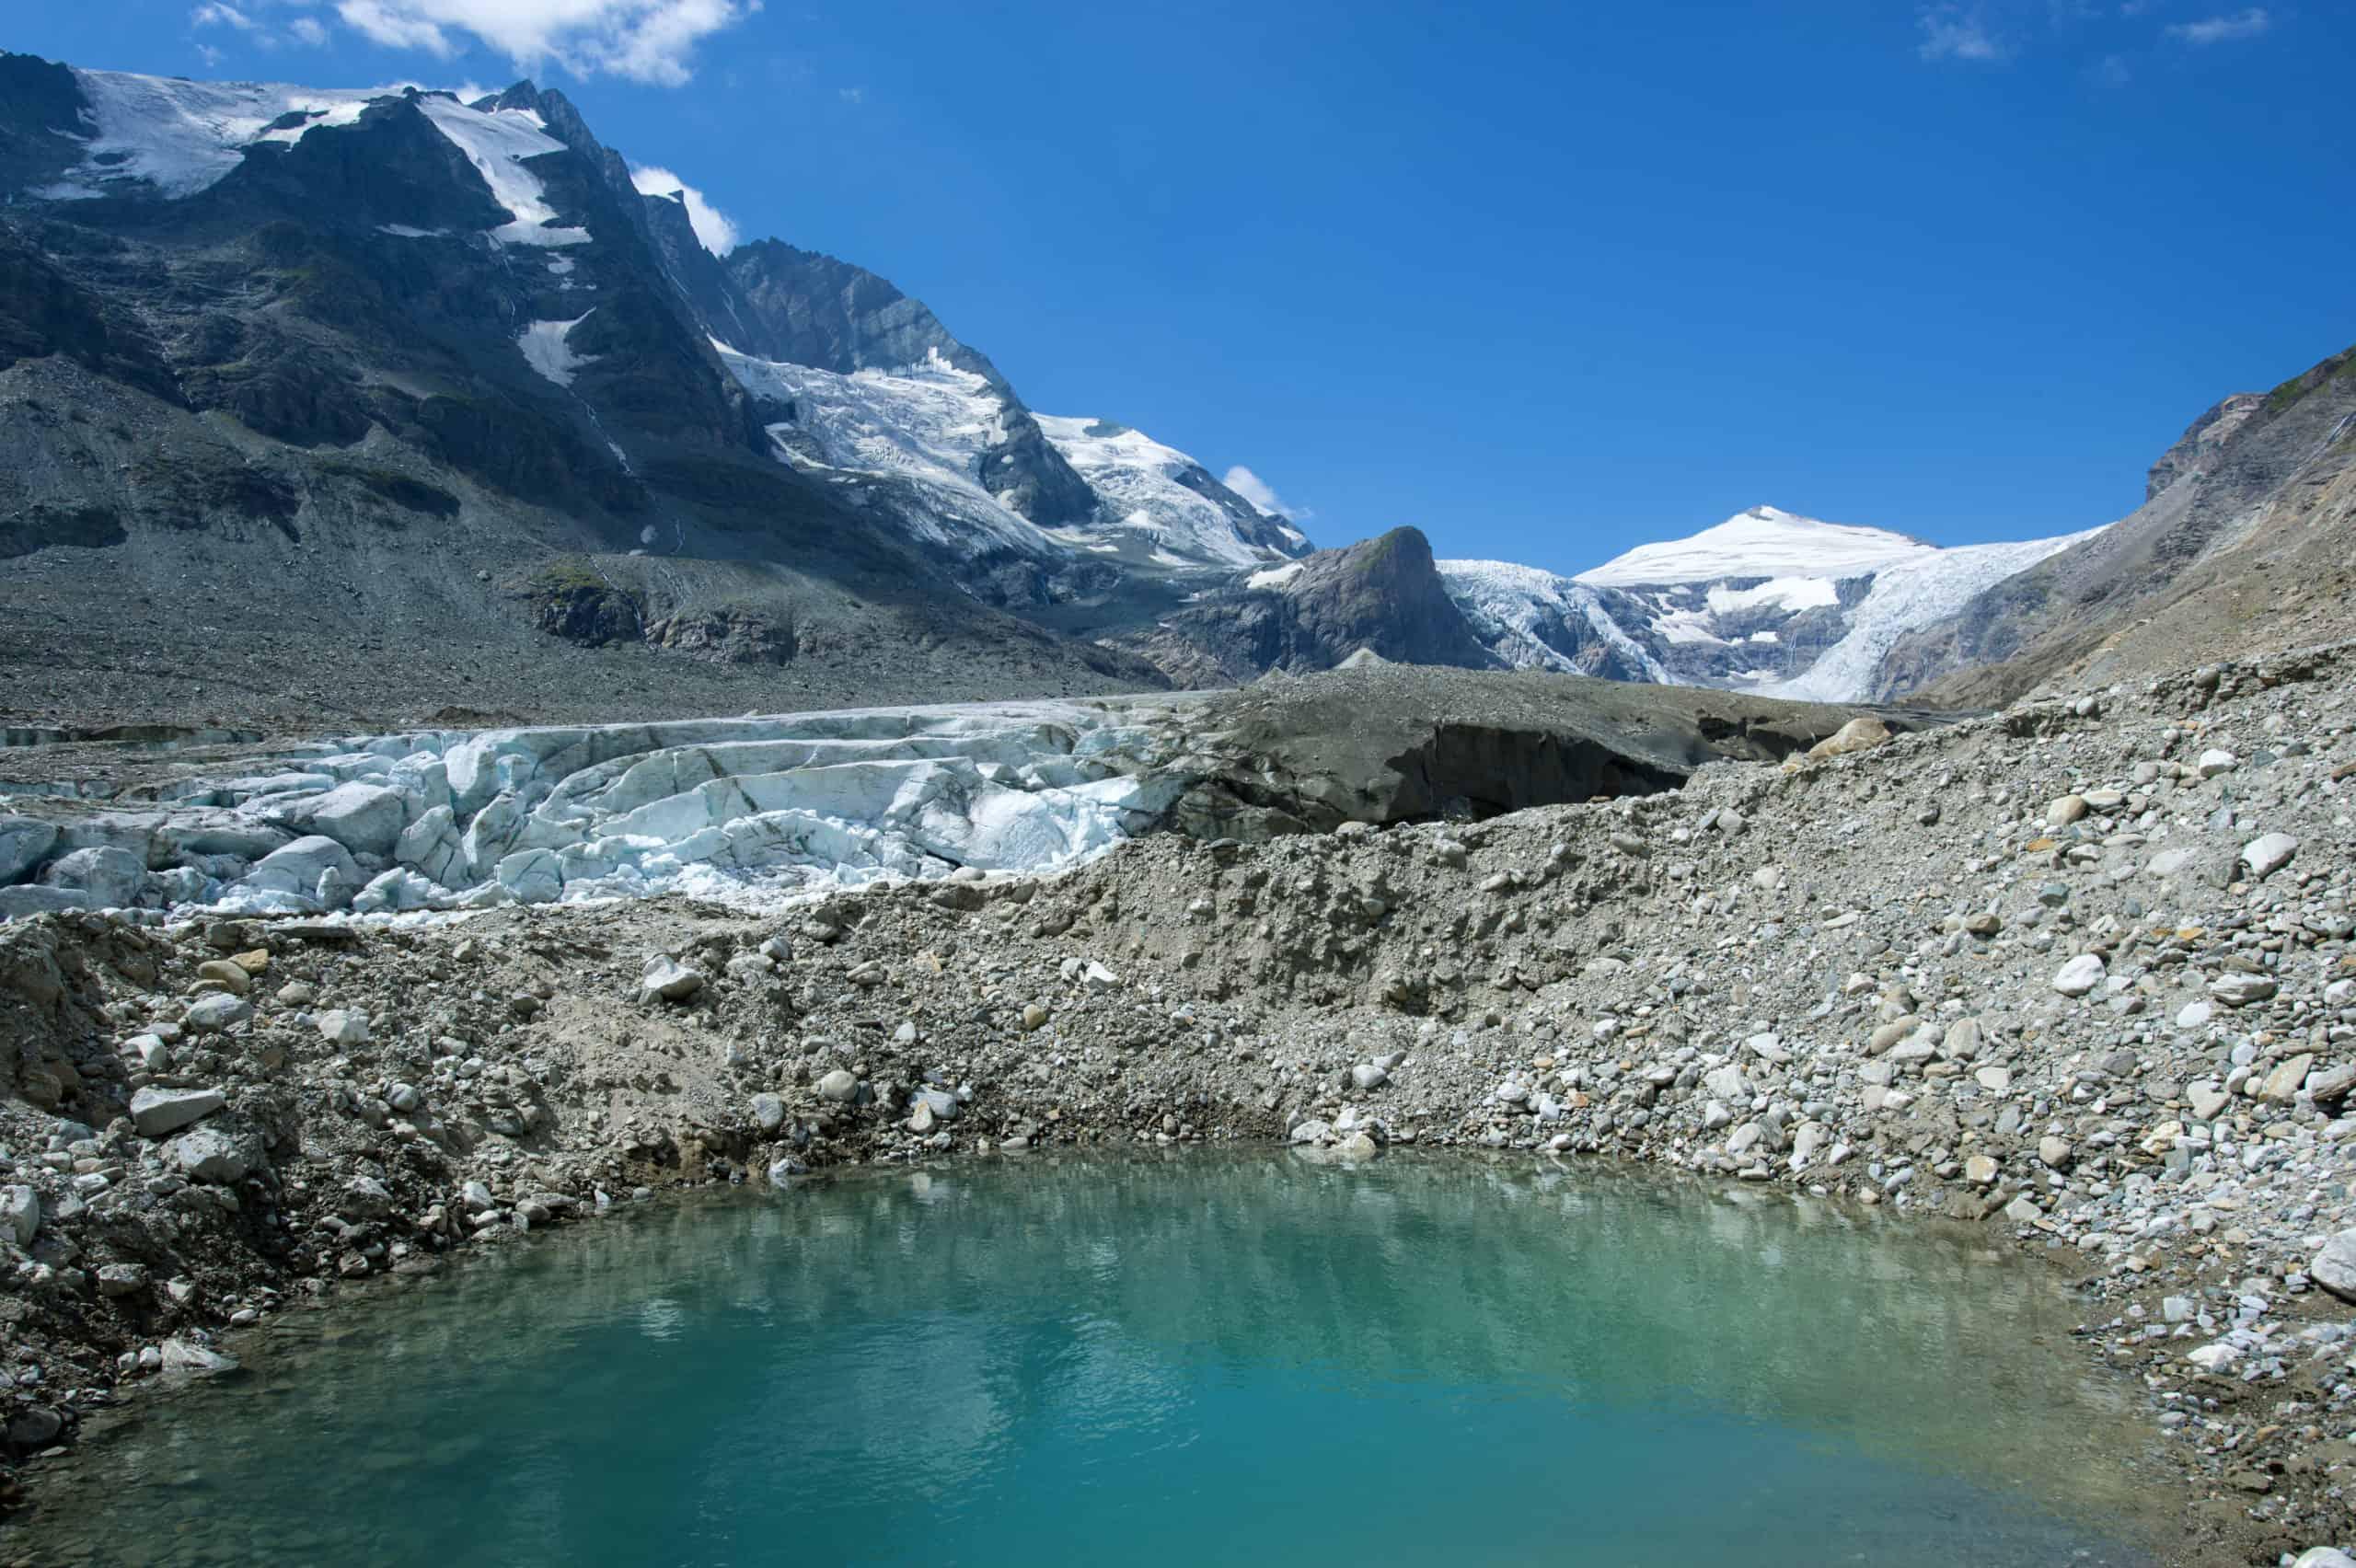 Pasterze - Großglockner-Gletscher in Österreich